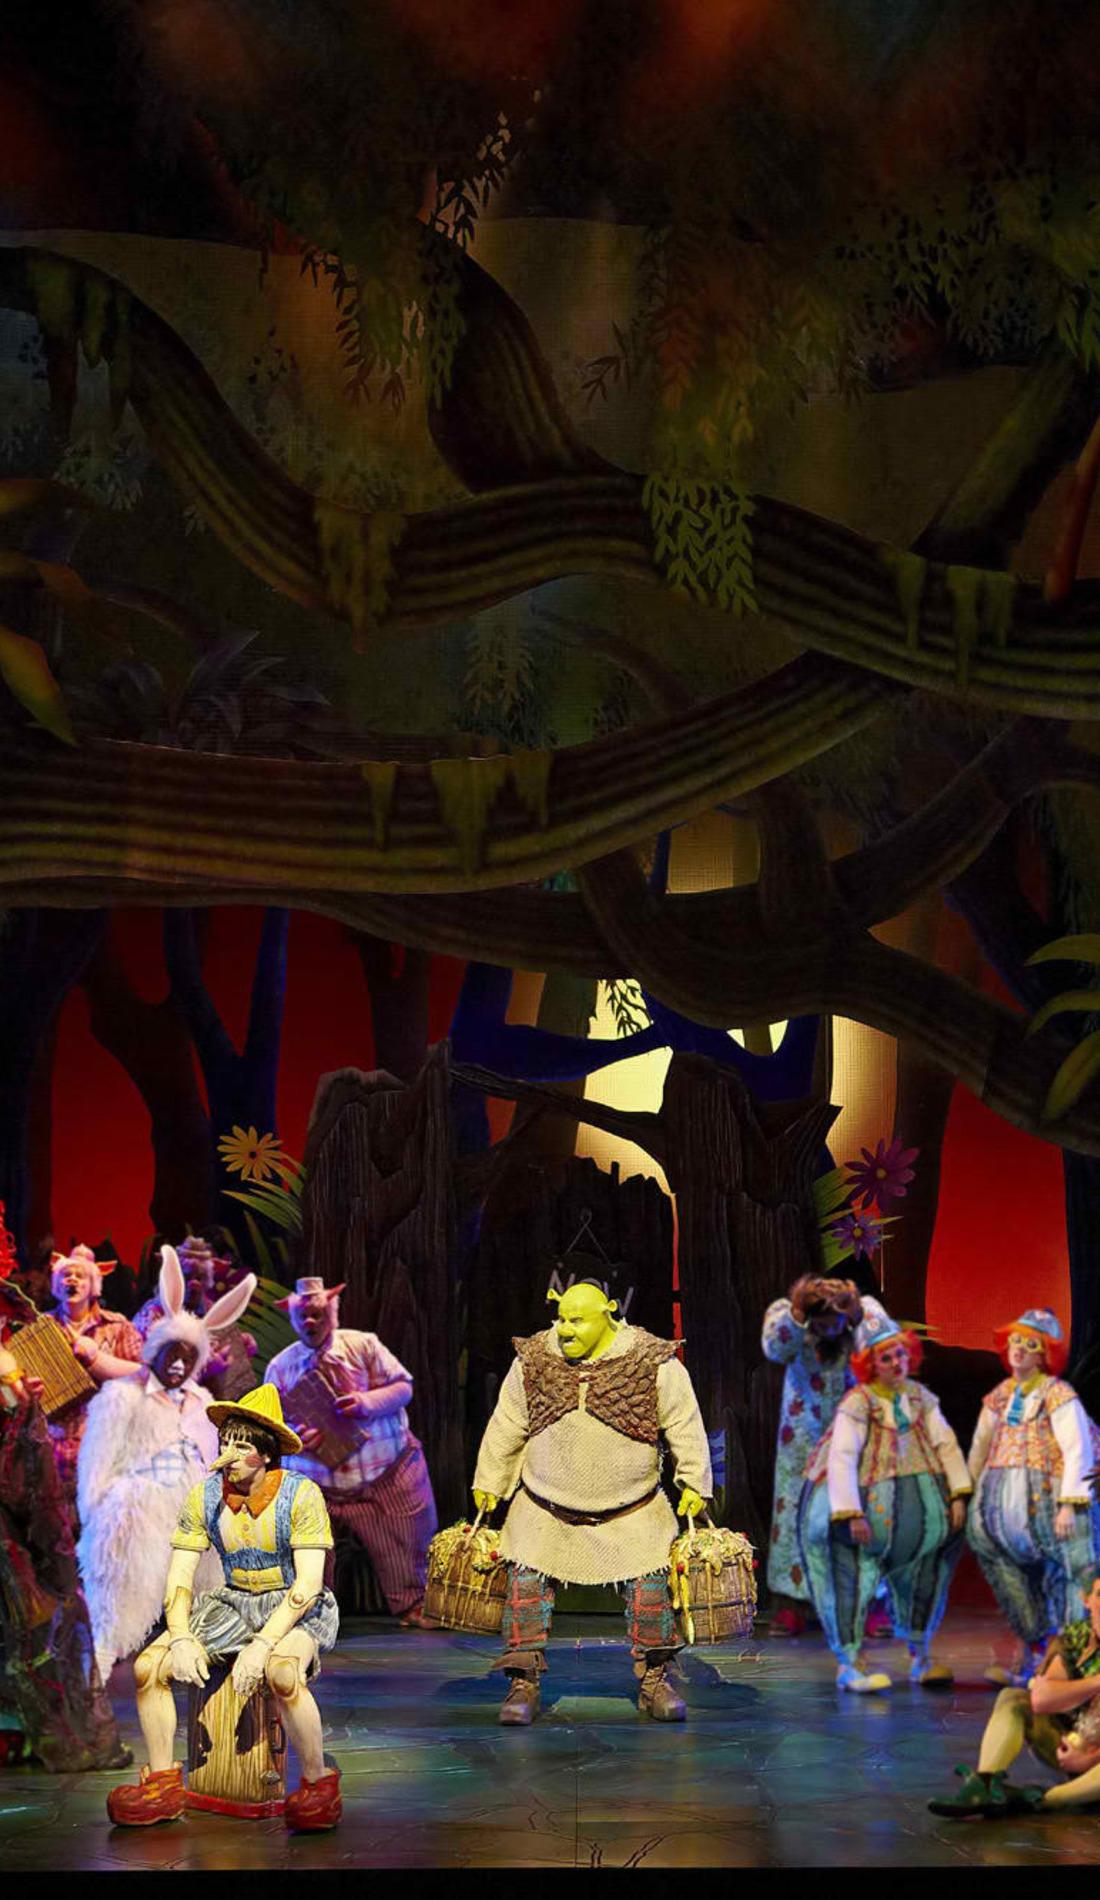 A Shrek live event